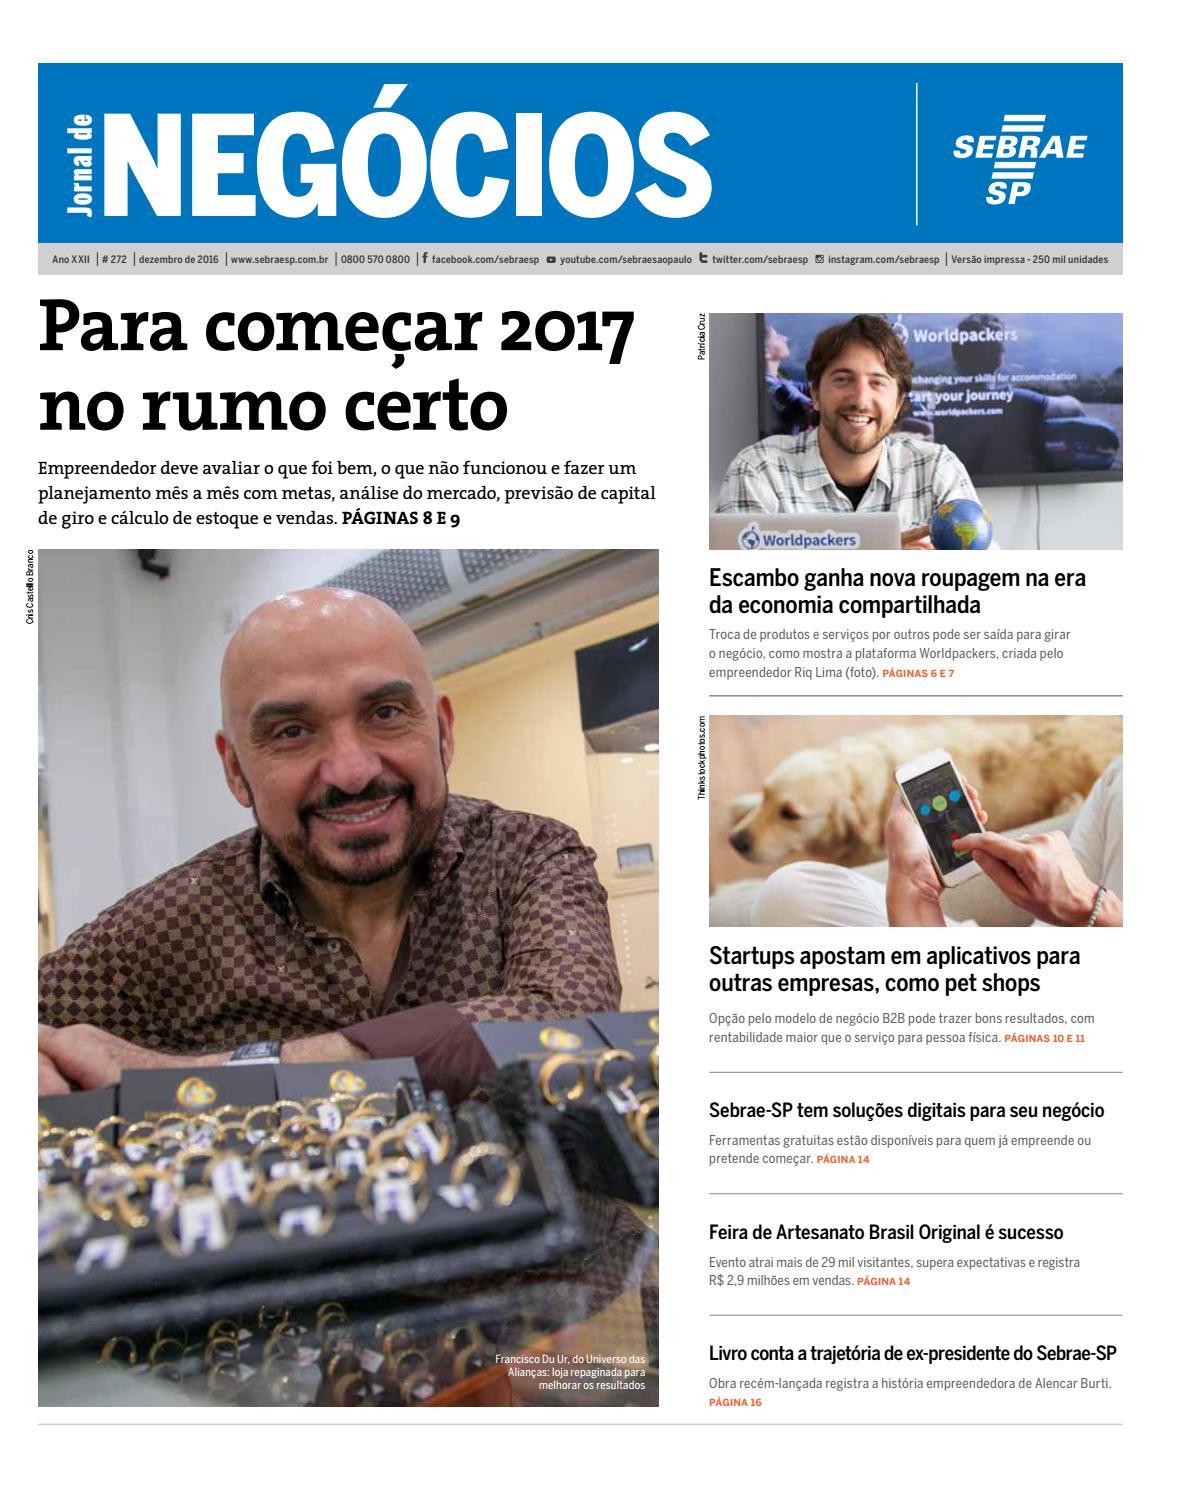 Jornal de Negócios Sebrae-SP - 01 de dezembro de 2016 by Sebrae-SP - issuu 4553e45d9c